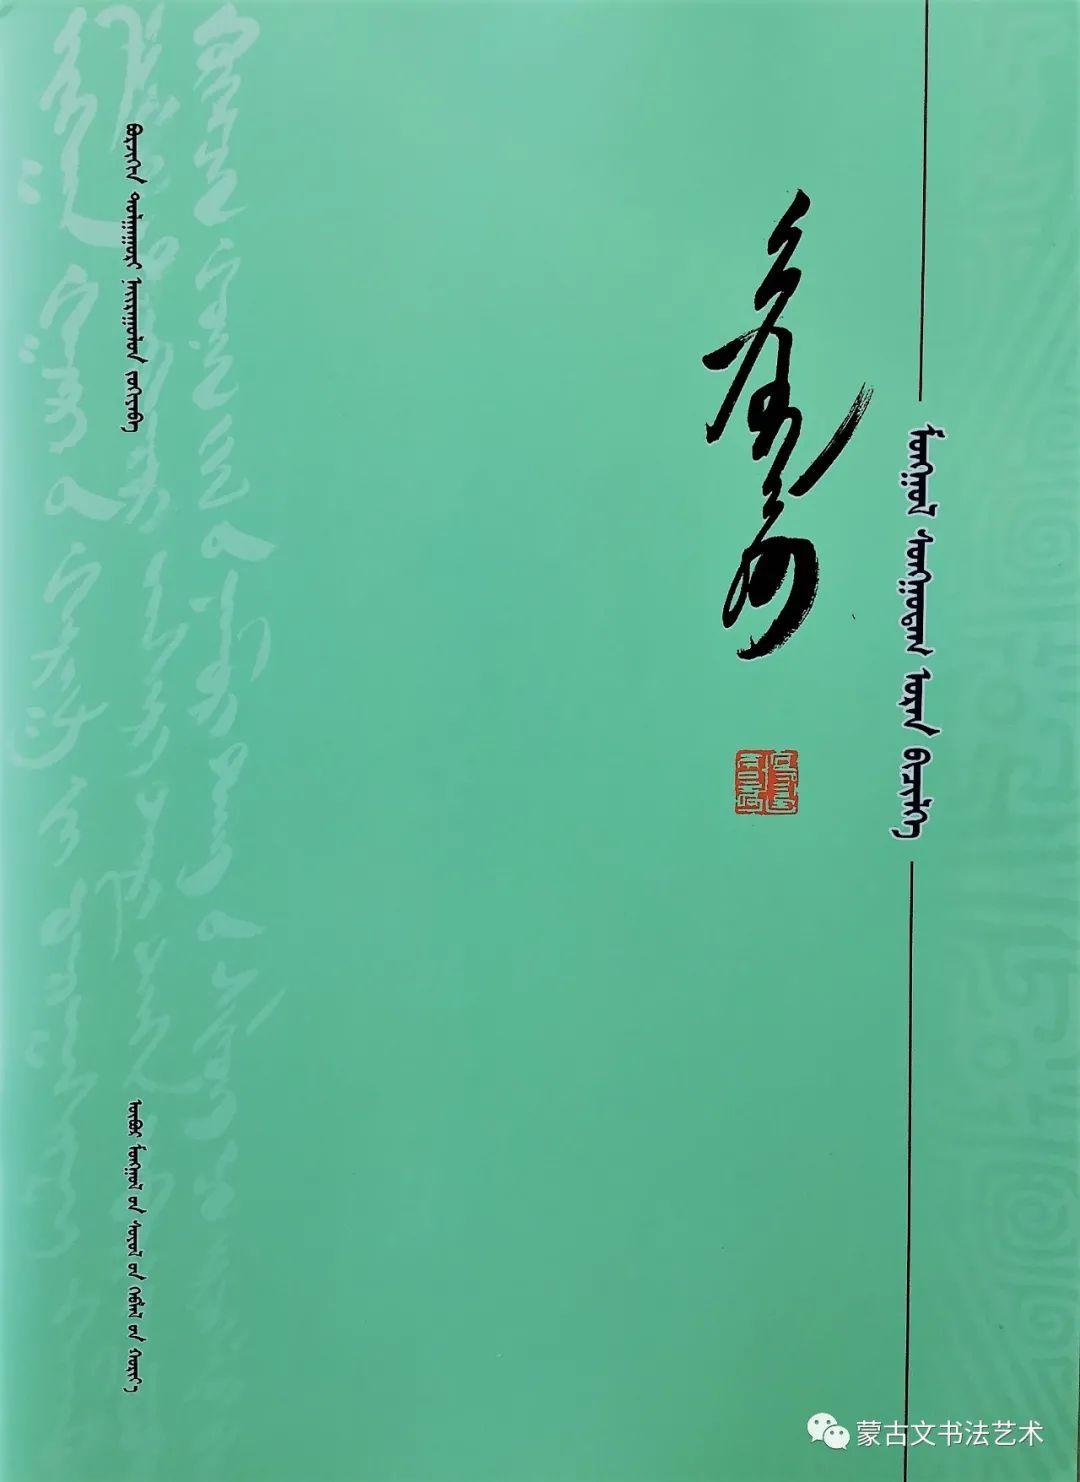 包宝柱《蒙古文经典书法》 第27张